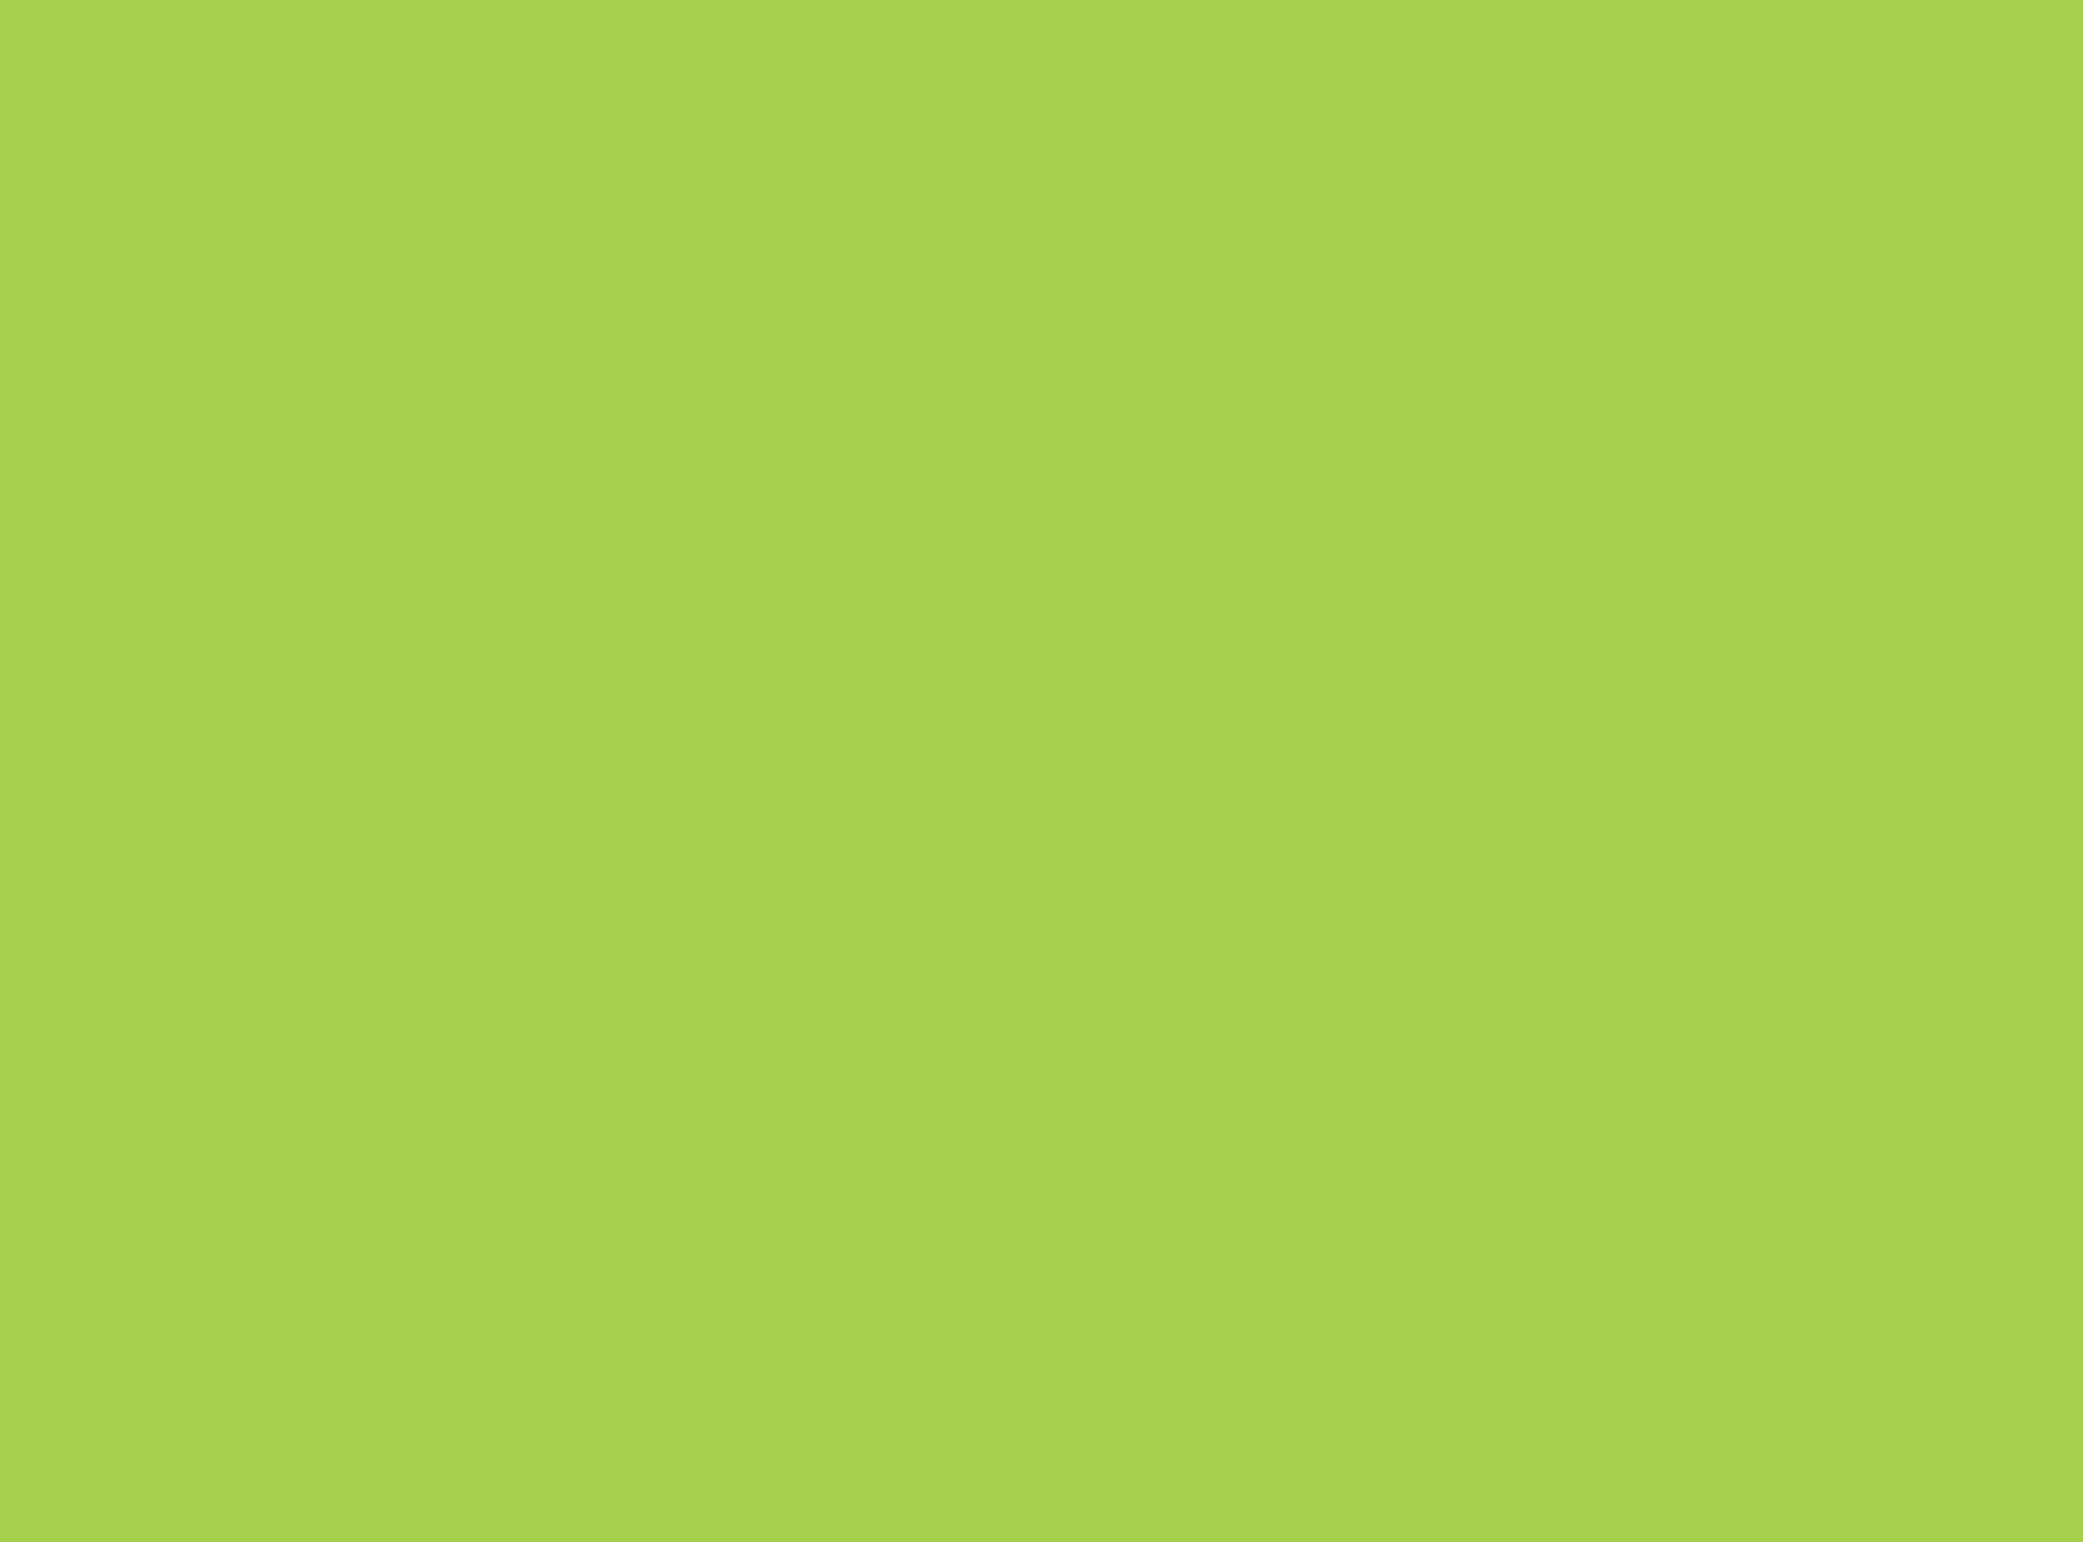 Green Oregon state icon